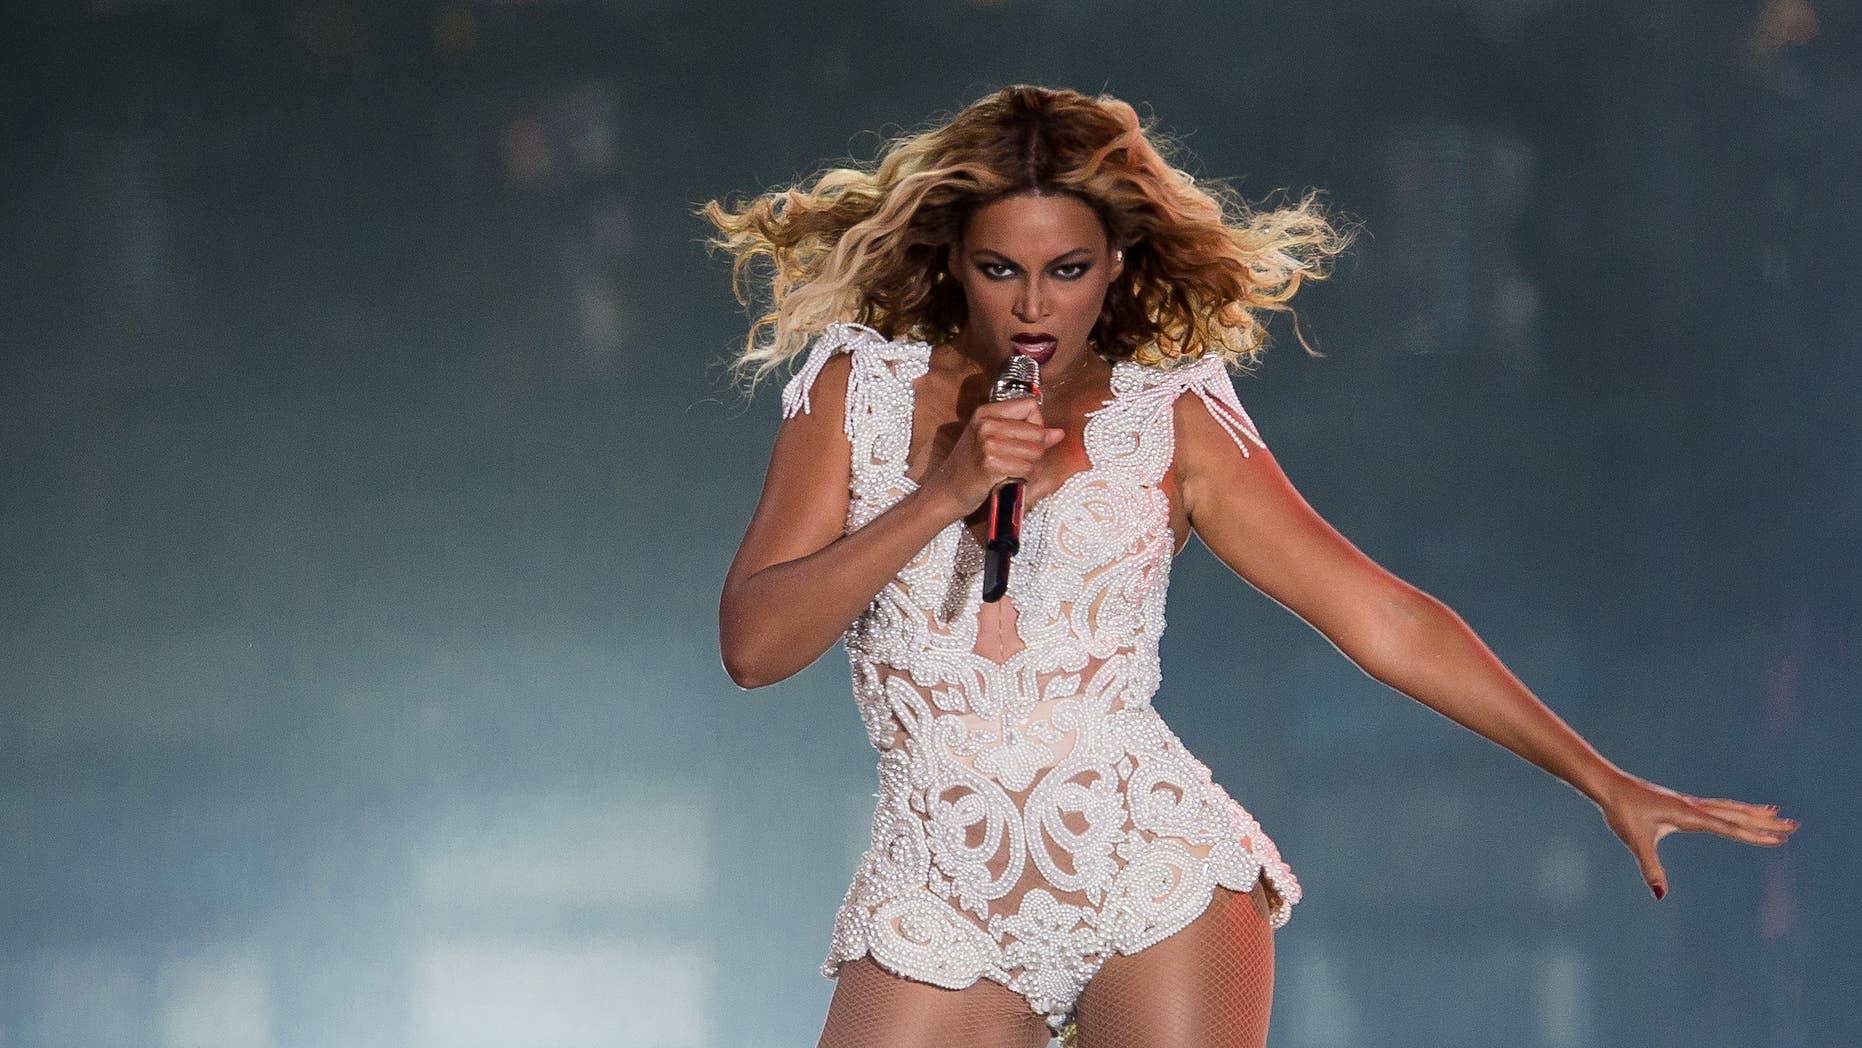 Beyoncé performs in the Rock in Rio Festival on September 13, 2013 in Rio de Janeiro, Brazil.